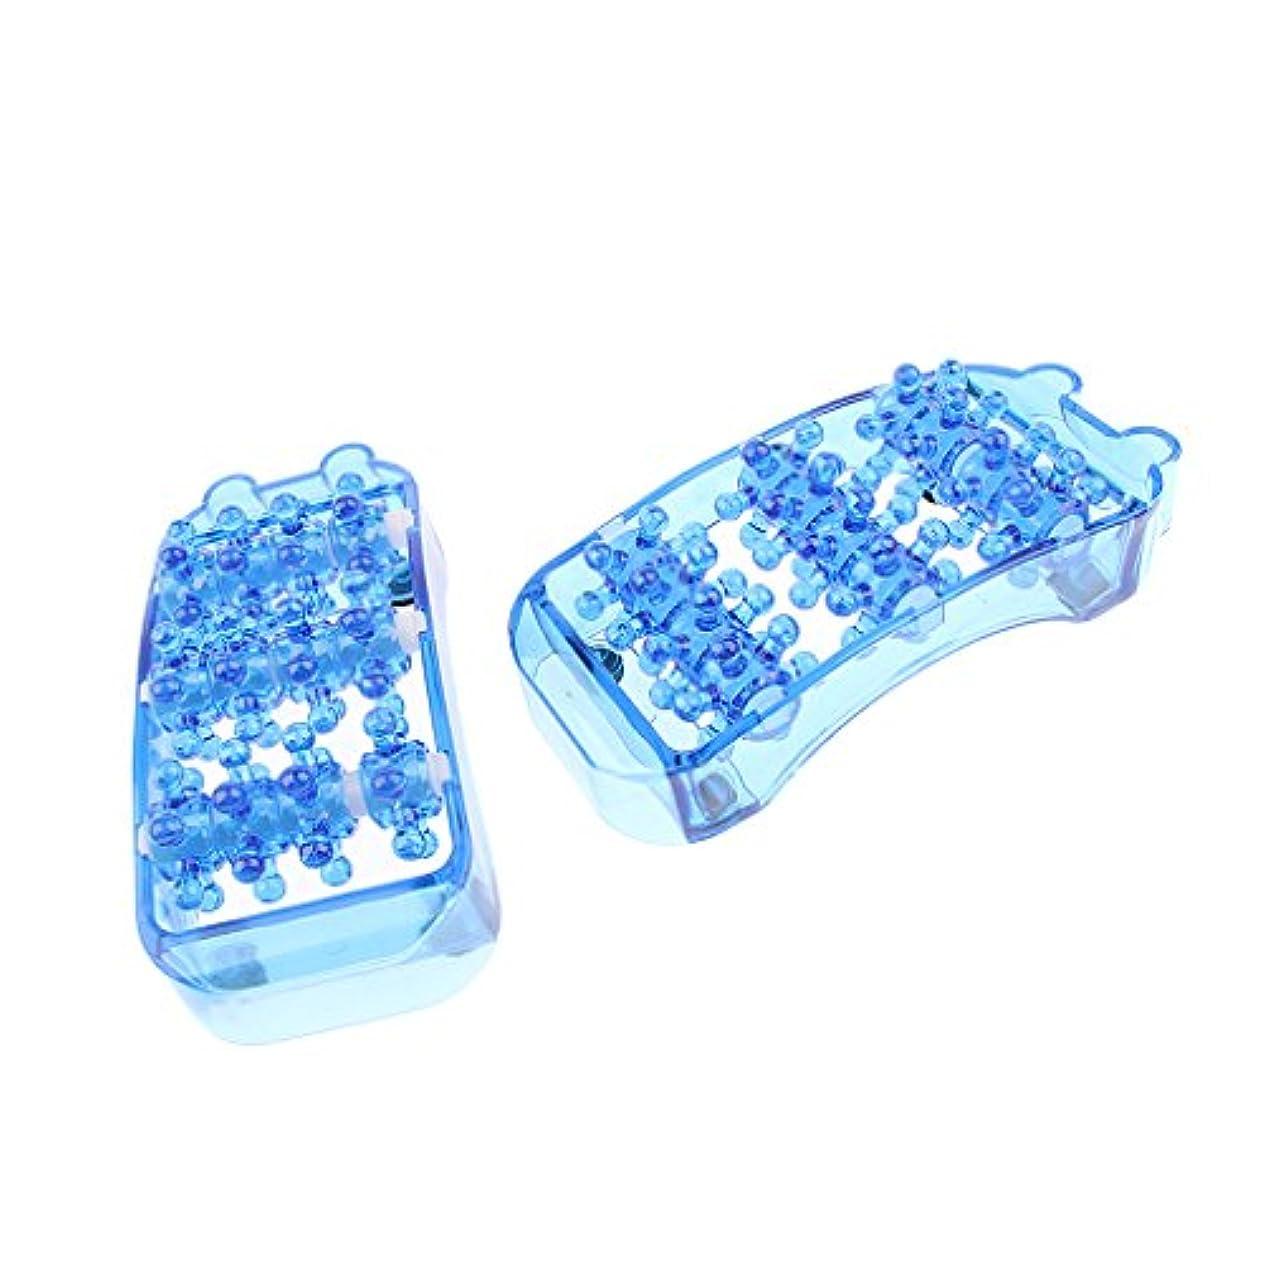 メールを書く推定不要マッサージローラー 足 マッサージャー トリガーポイント フットケア 健康器具 全3色 - 青